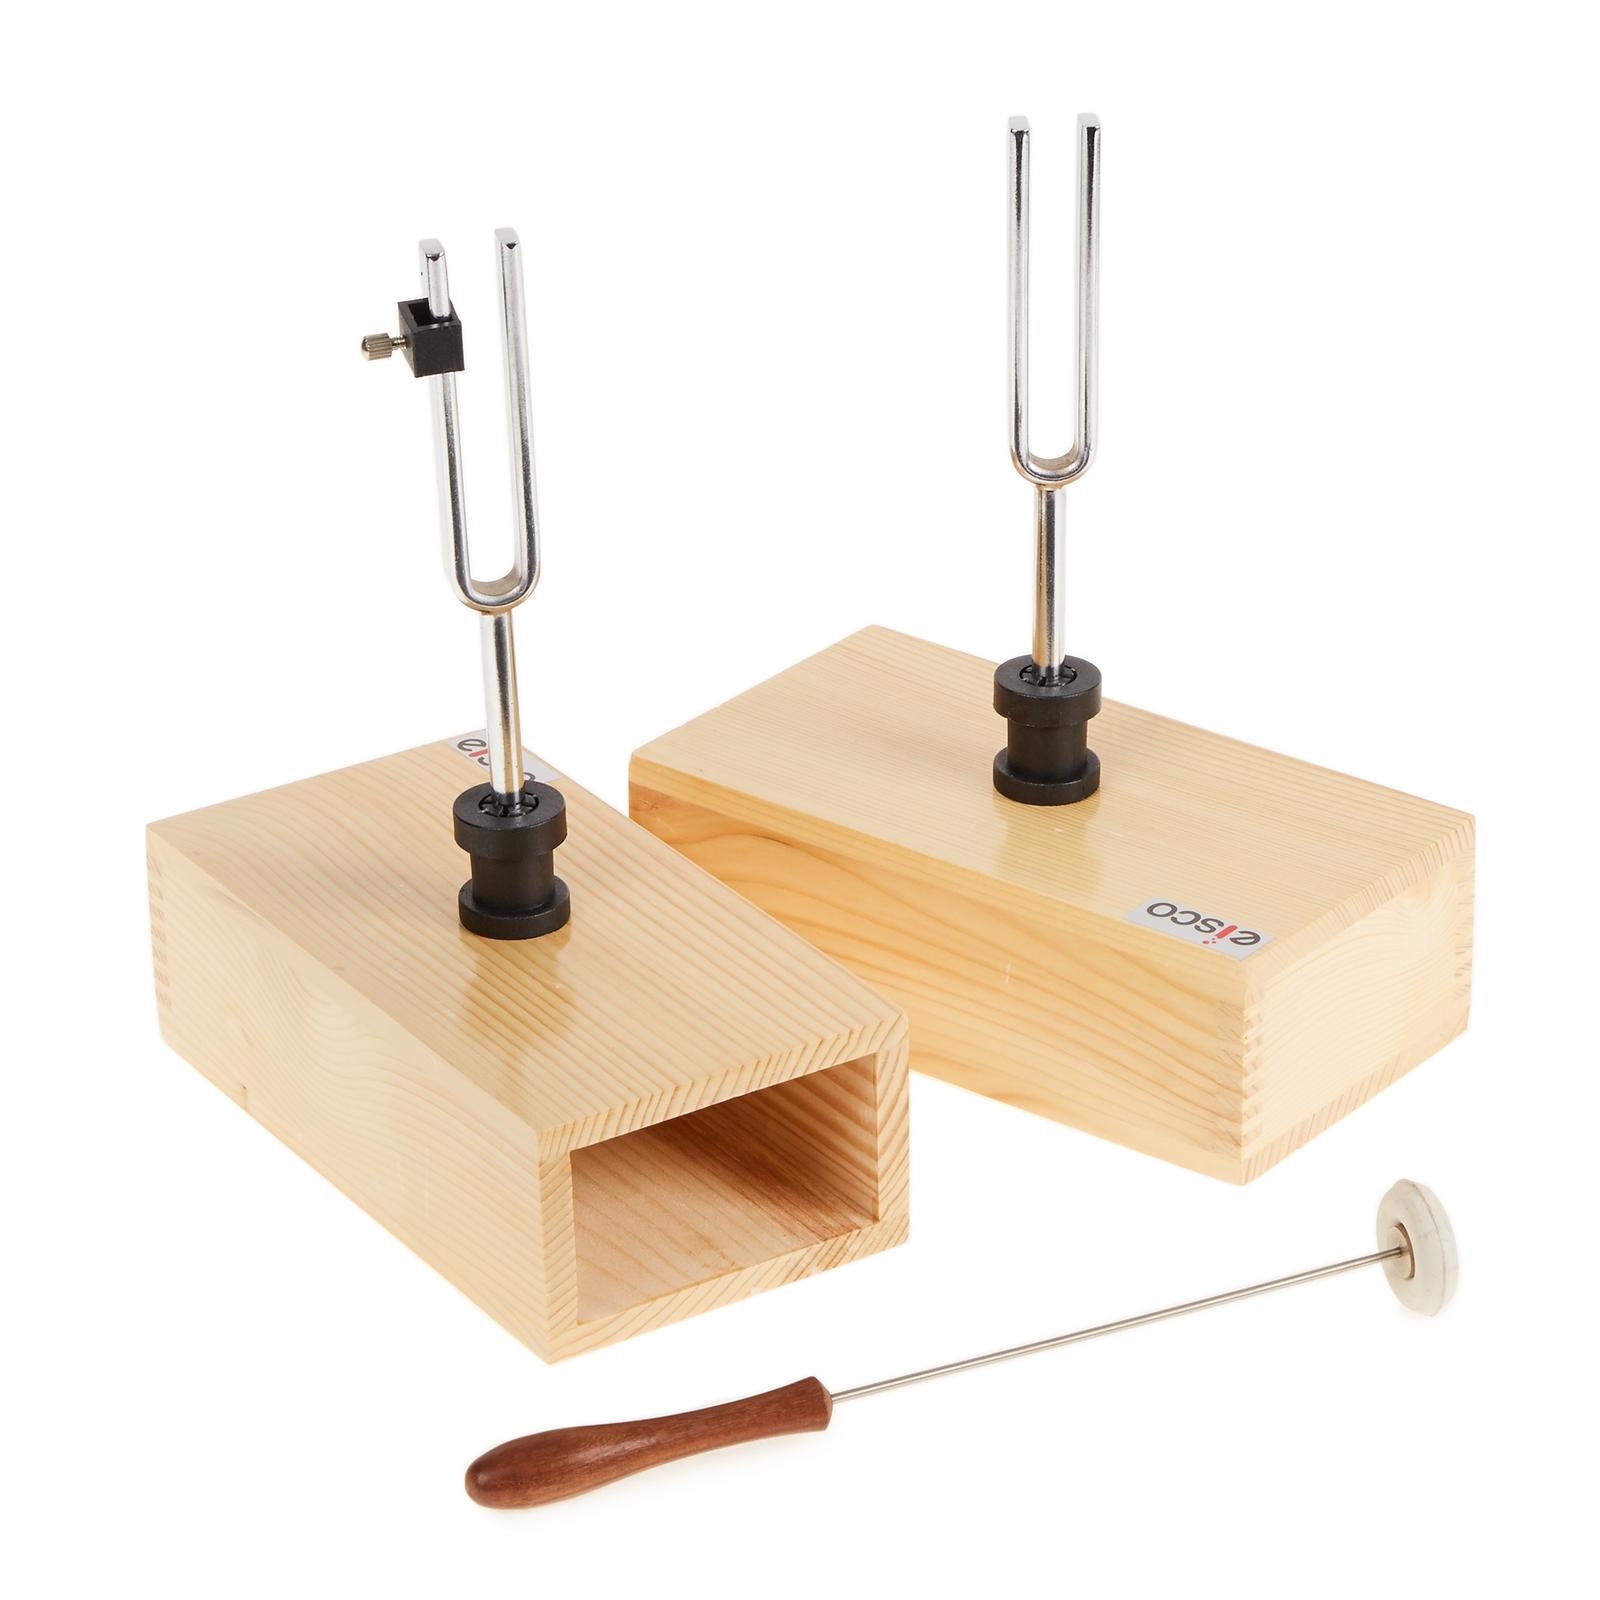 Pair of Tuning Forks - Steel